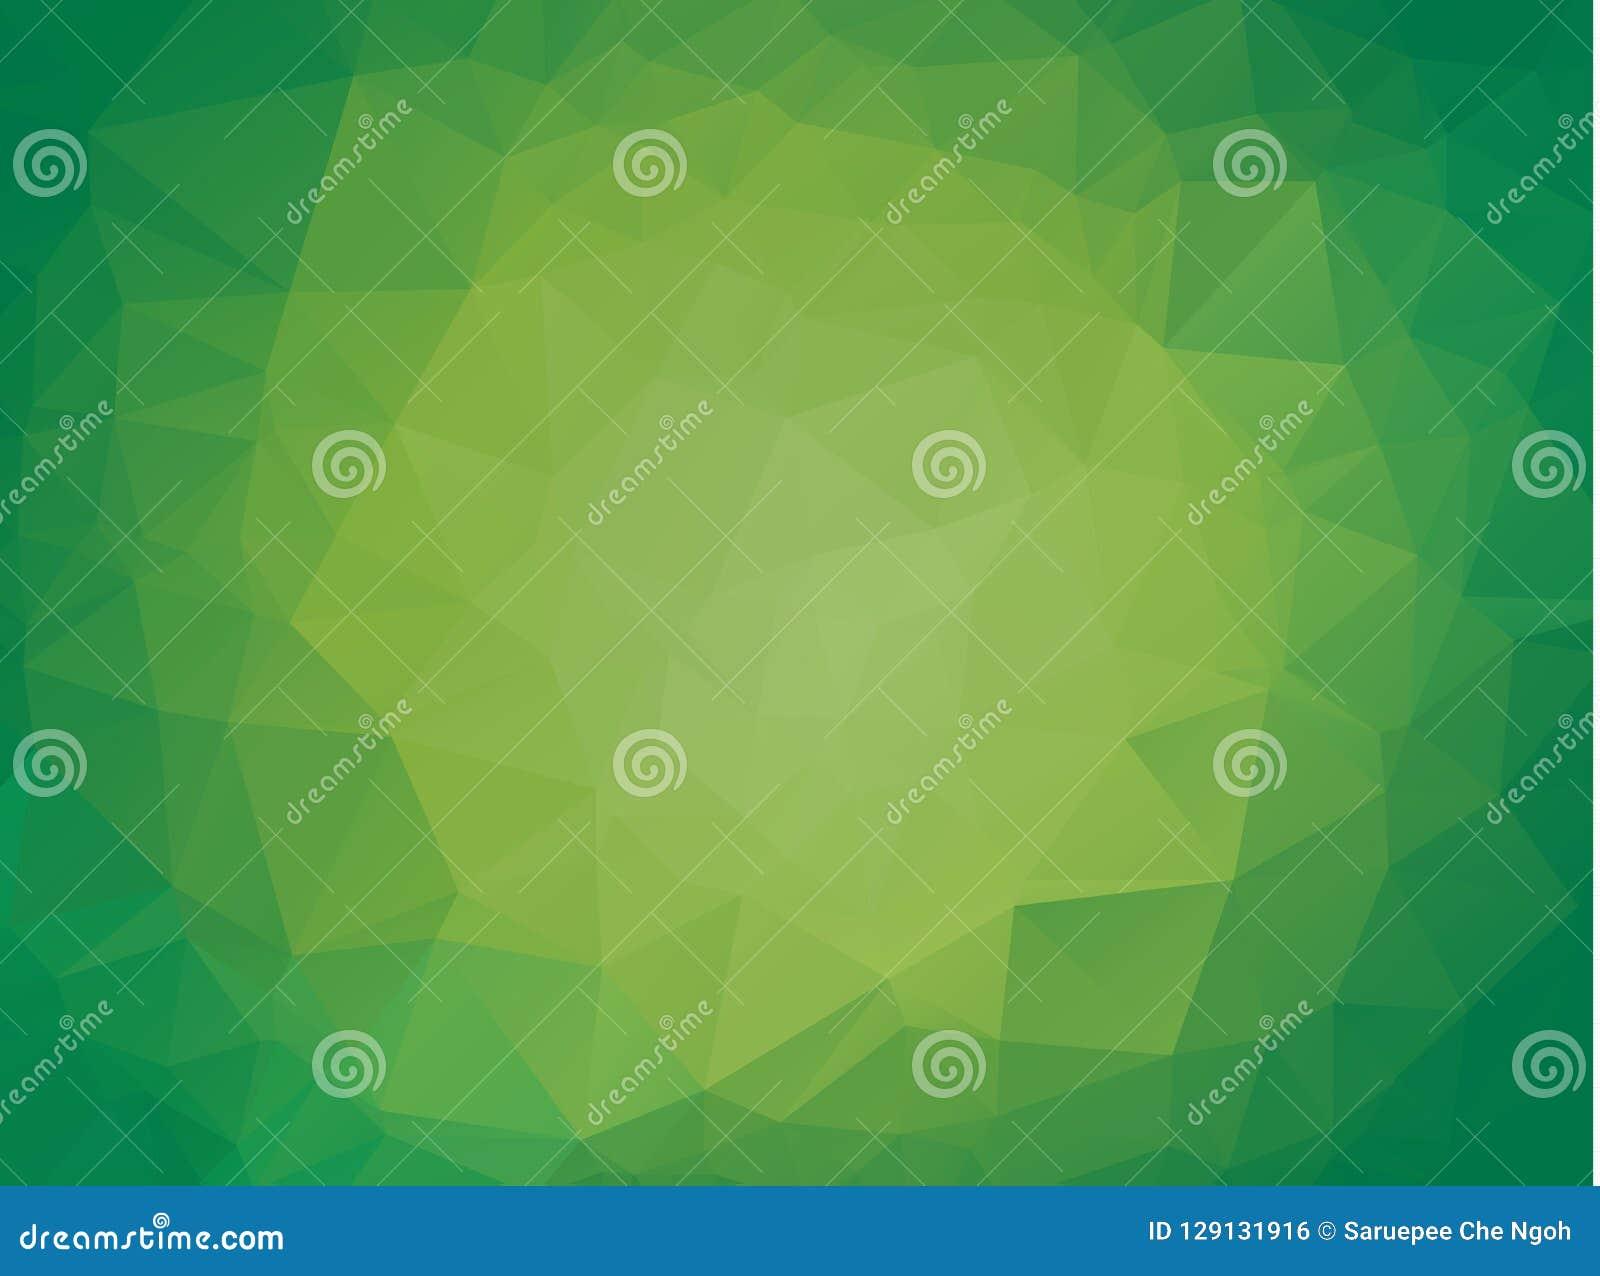 Fondo triangular brillante verde claro abstracto Una muestra con formas poligonales El modelo texturizado se puede utilizar para